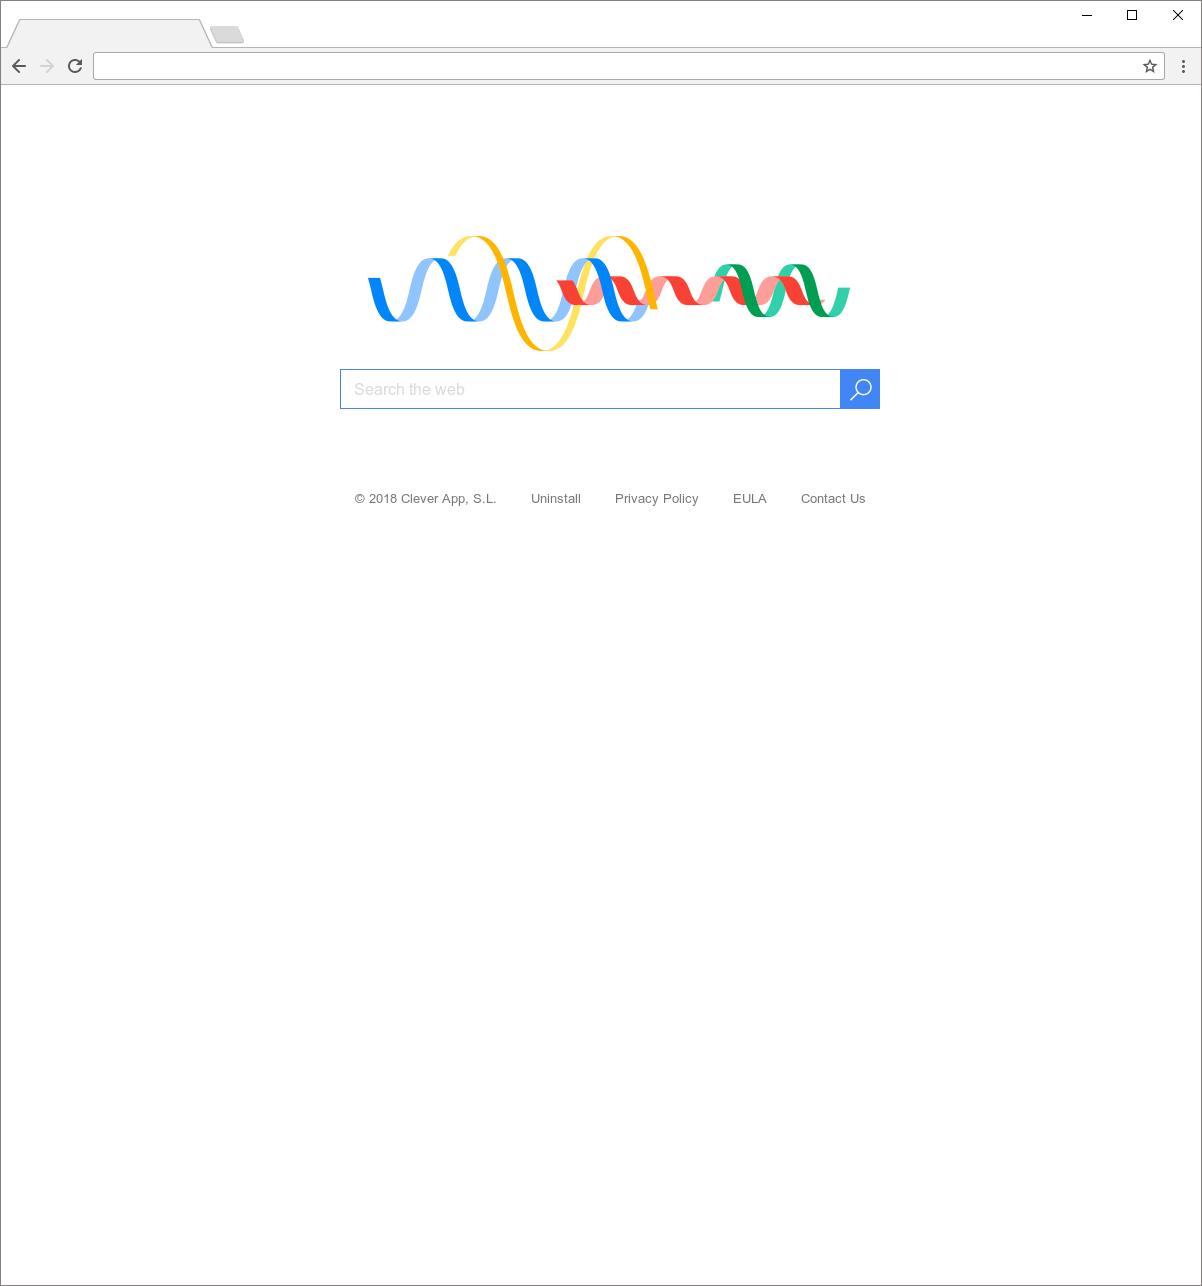 Searchgosearch.com Hijacker